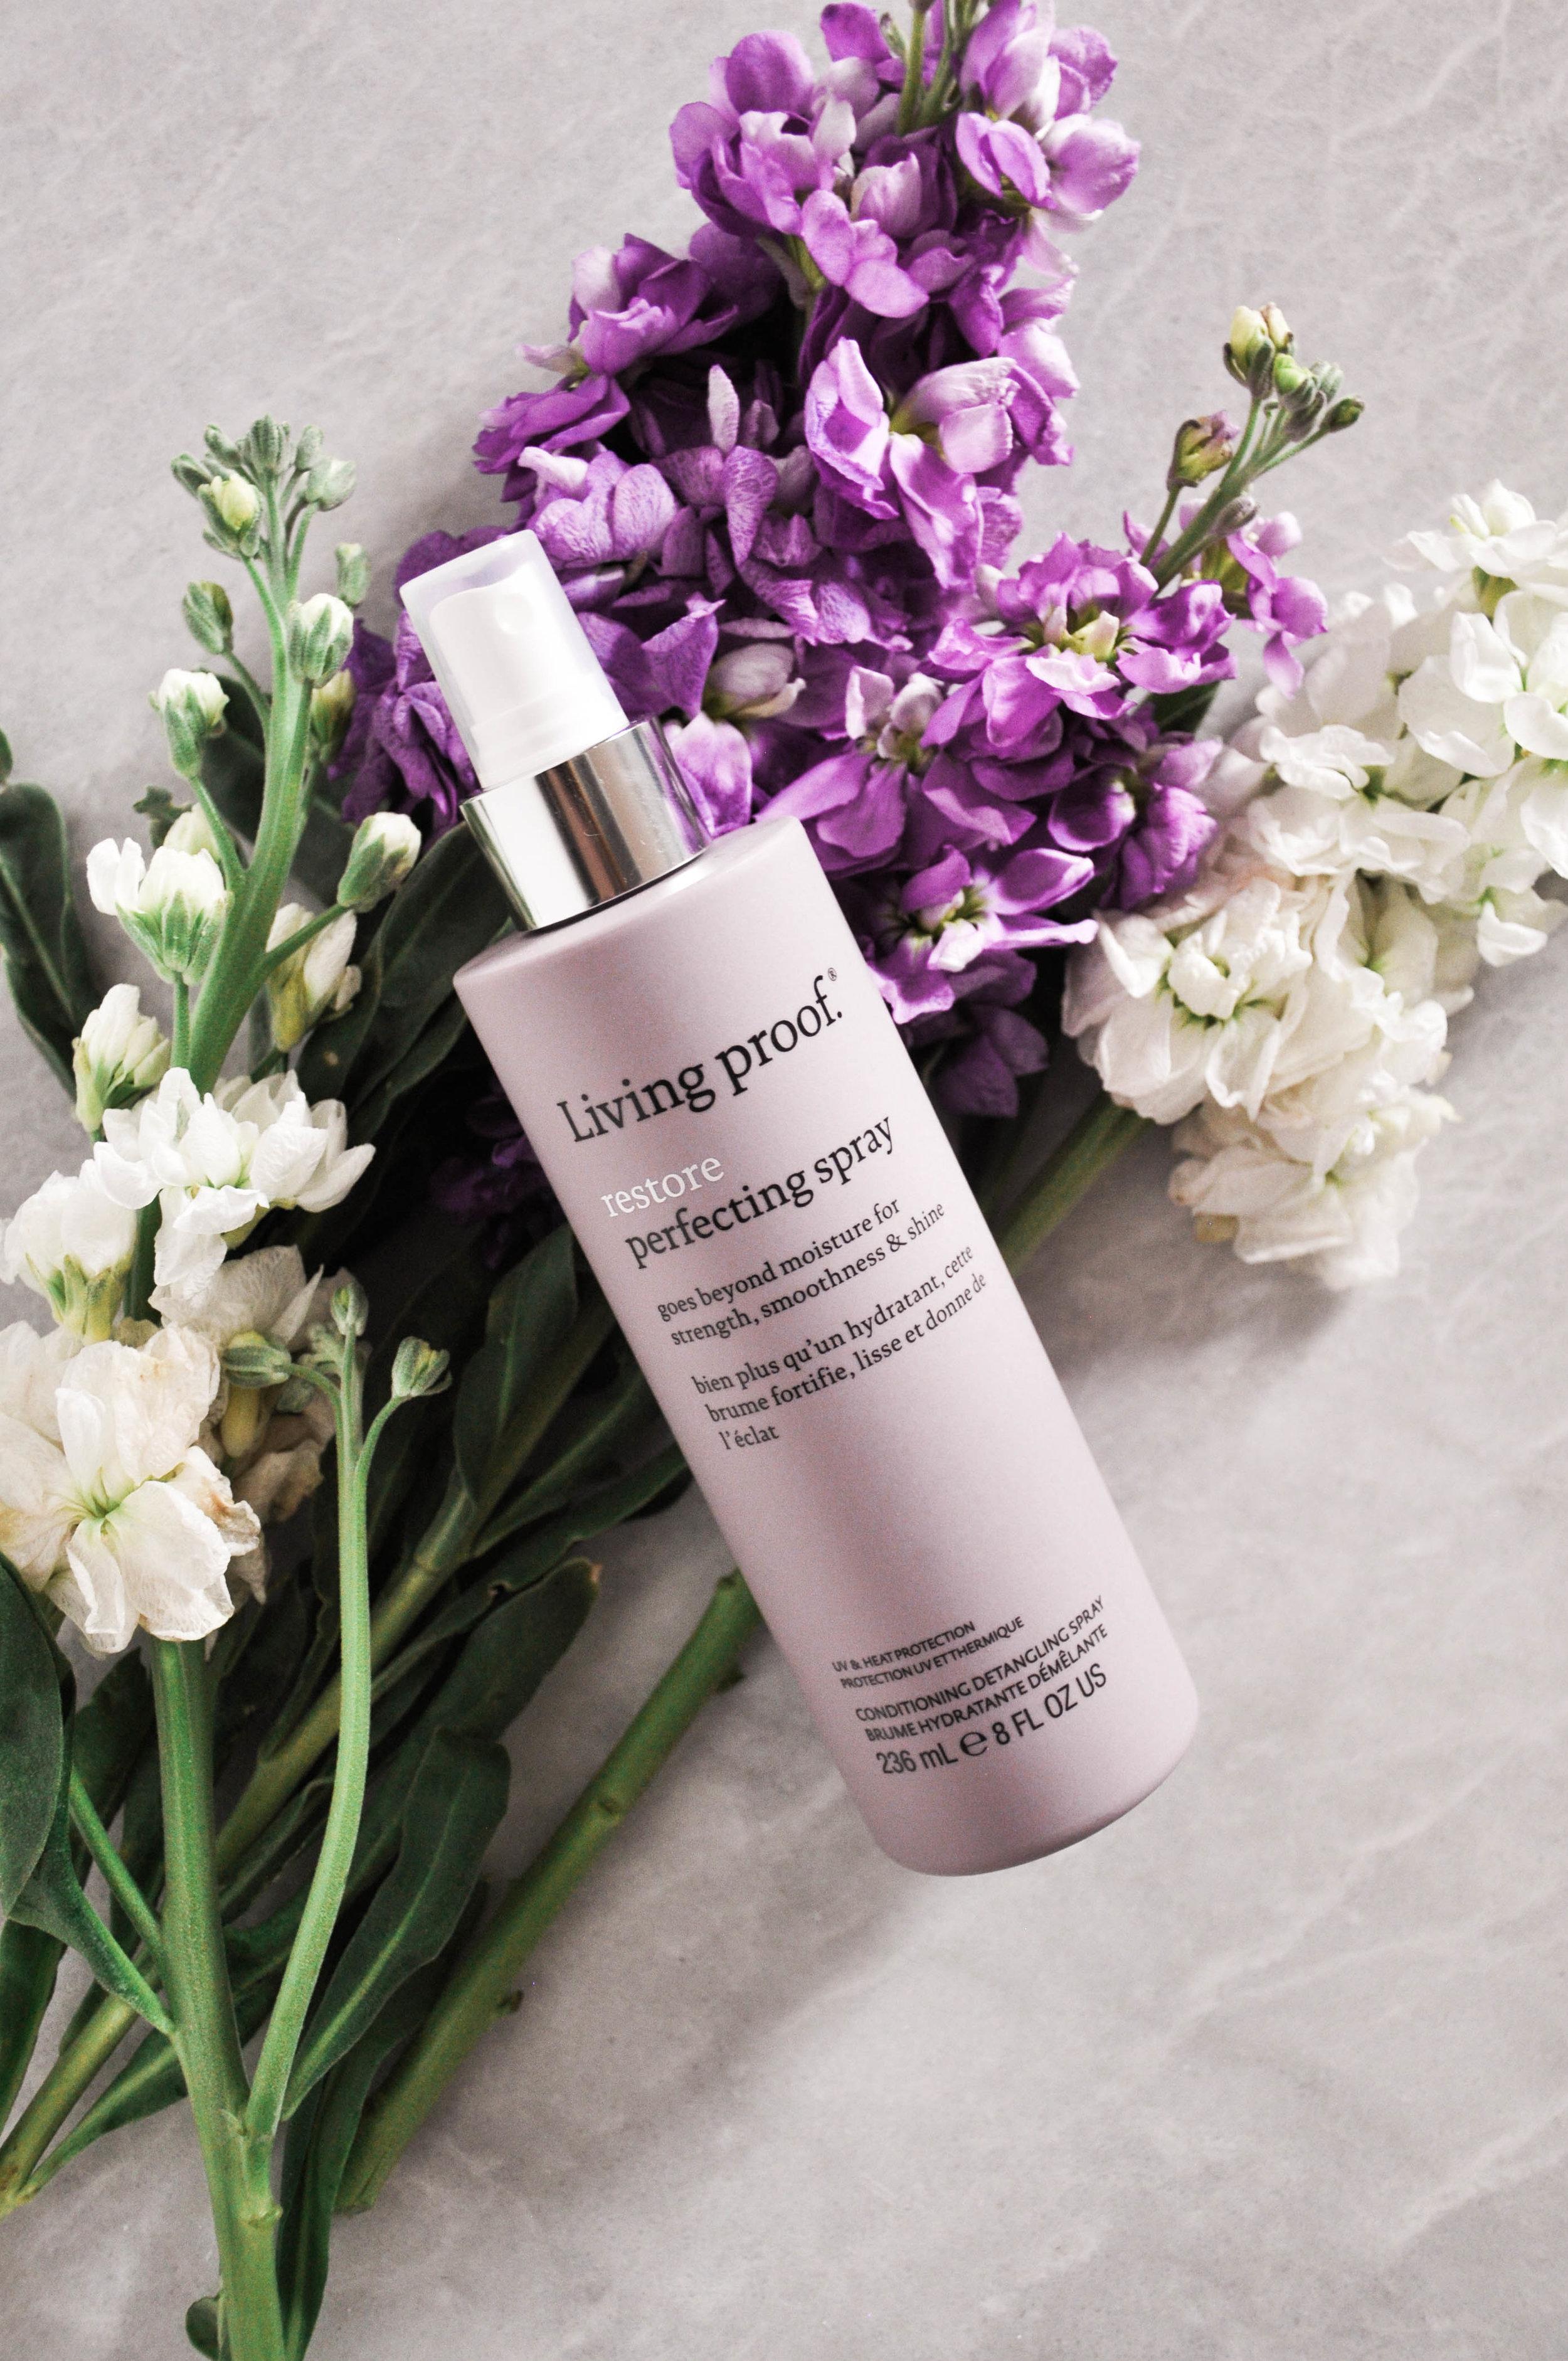 living proof hair care spray bottle